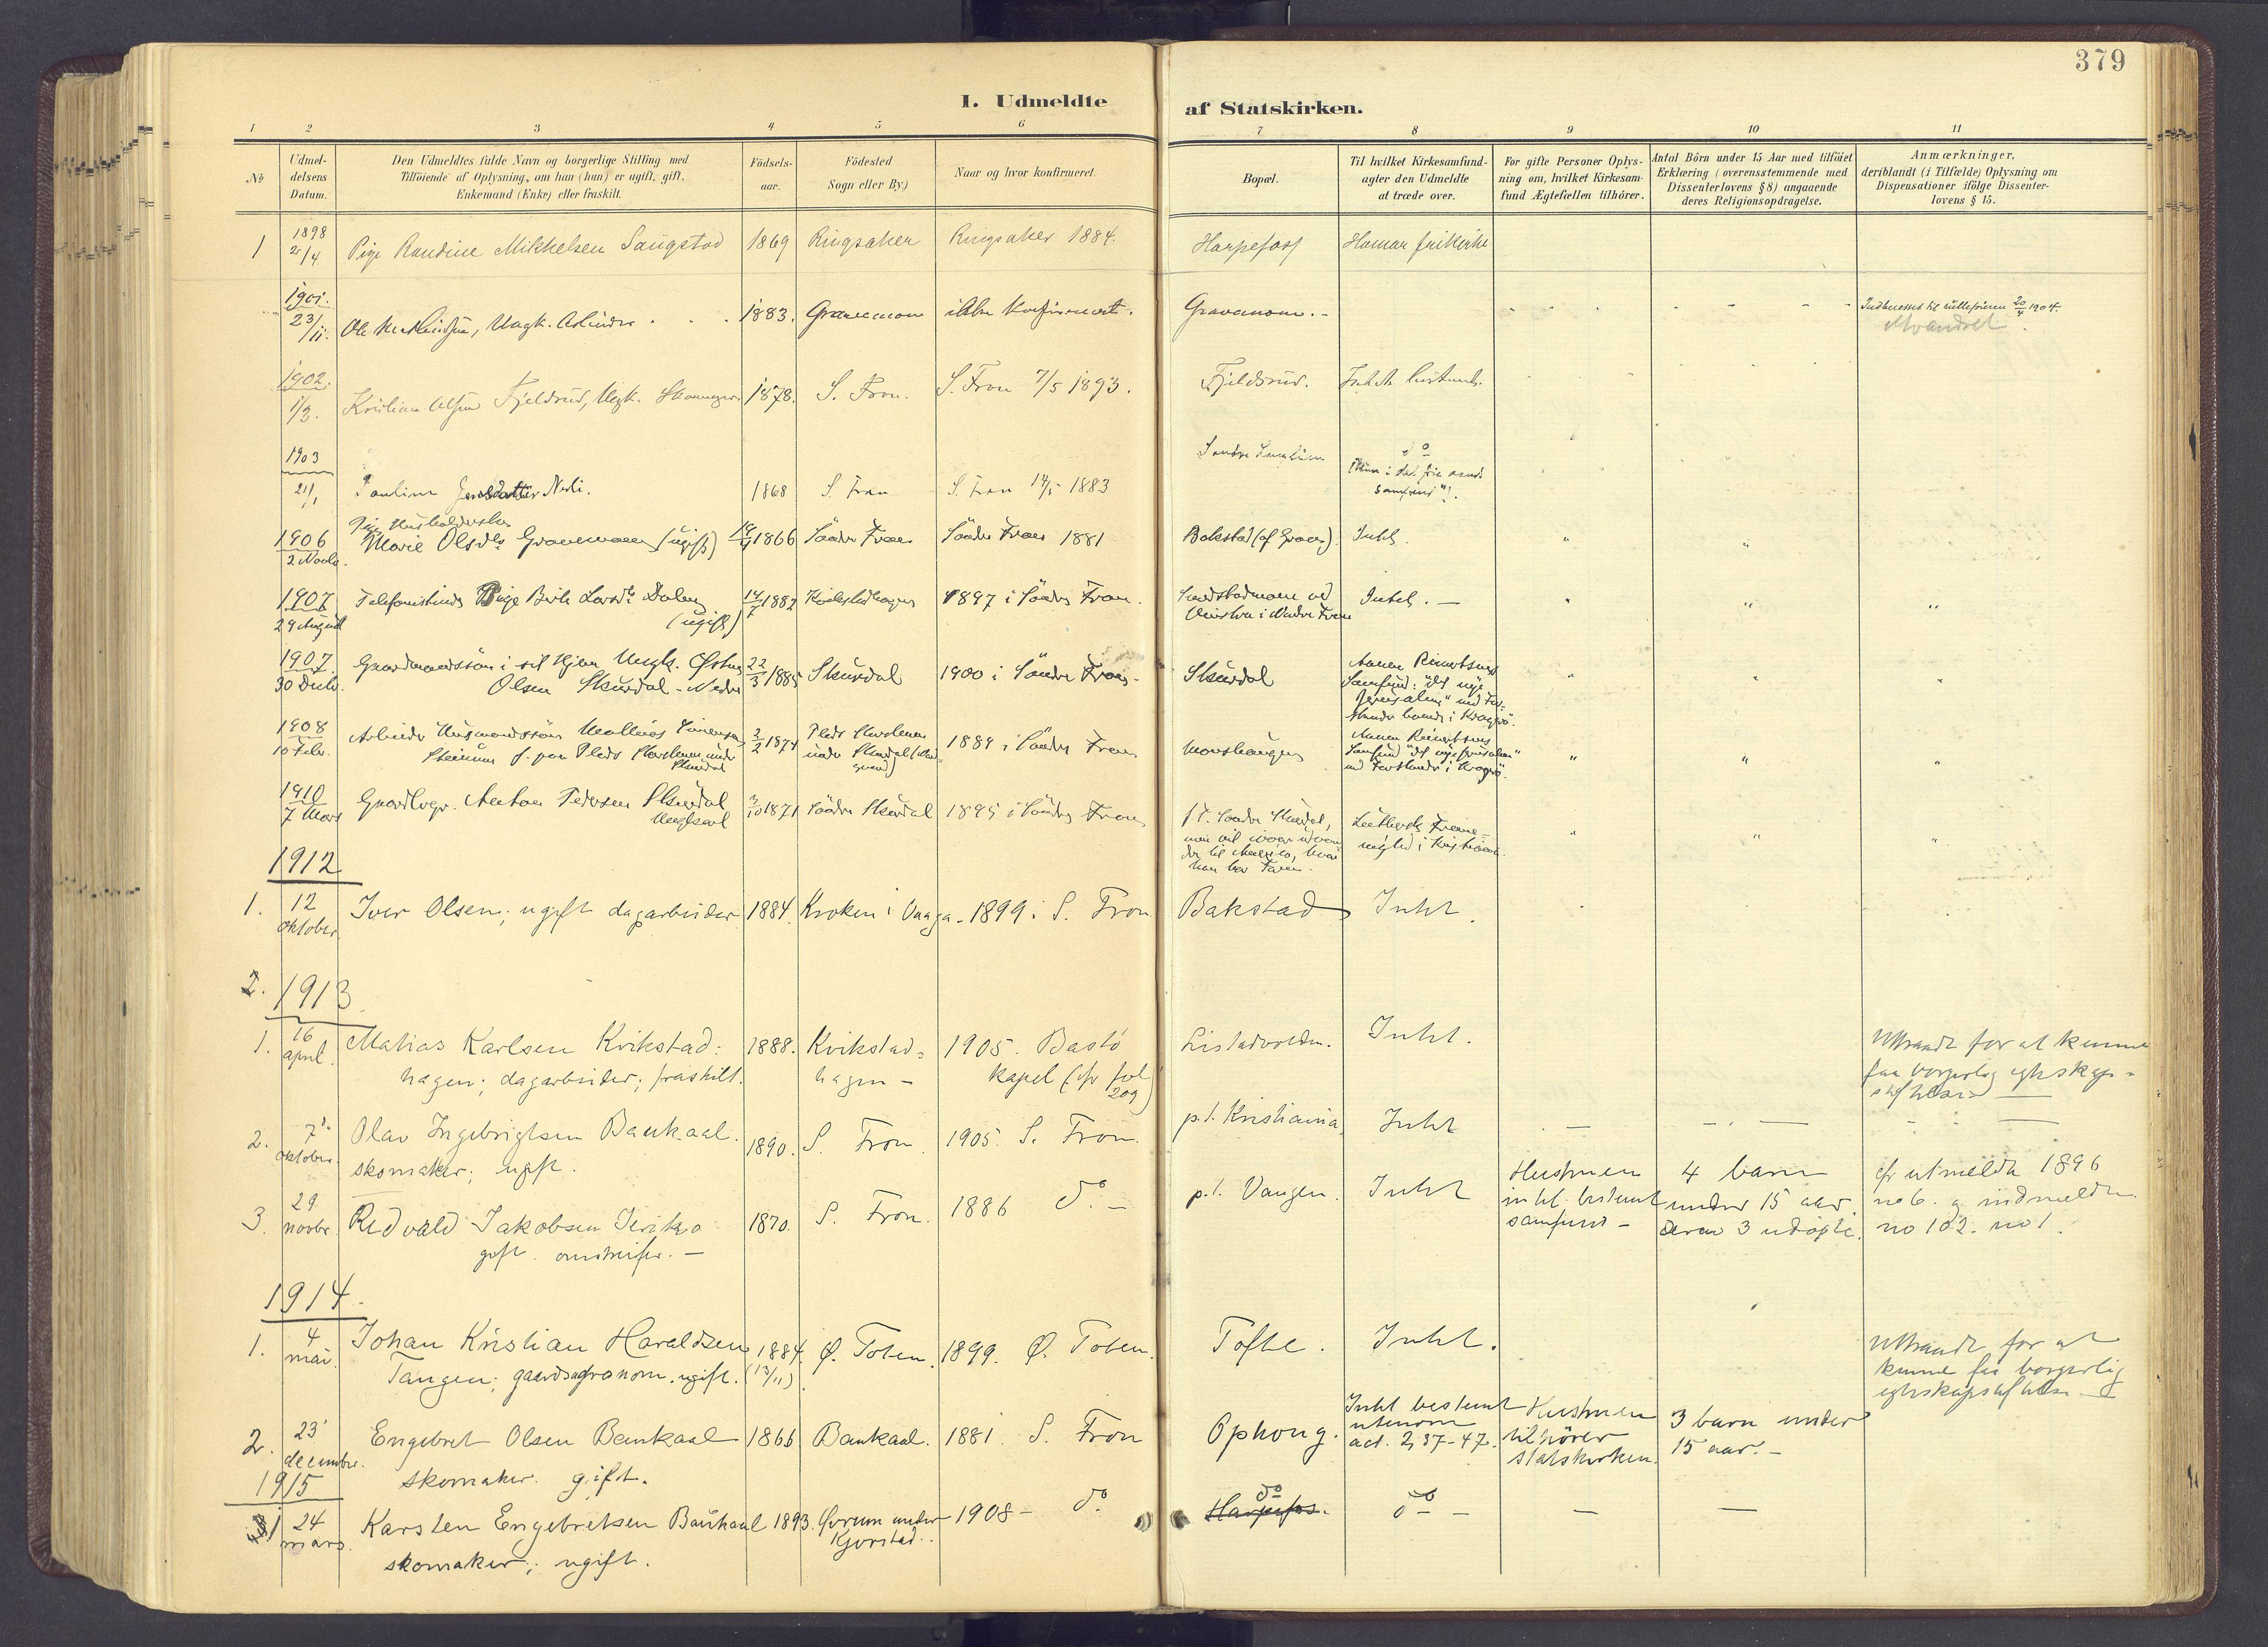 SAH, Sør-Fron prestekontor, H/Ha/Haa/L0004: Parish register (official) no. 4, 1898-1919, p. 379